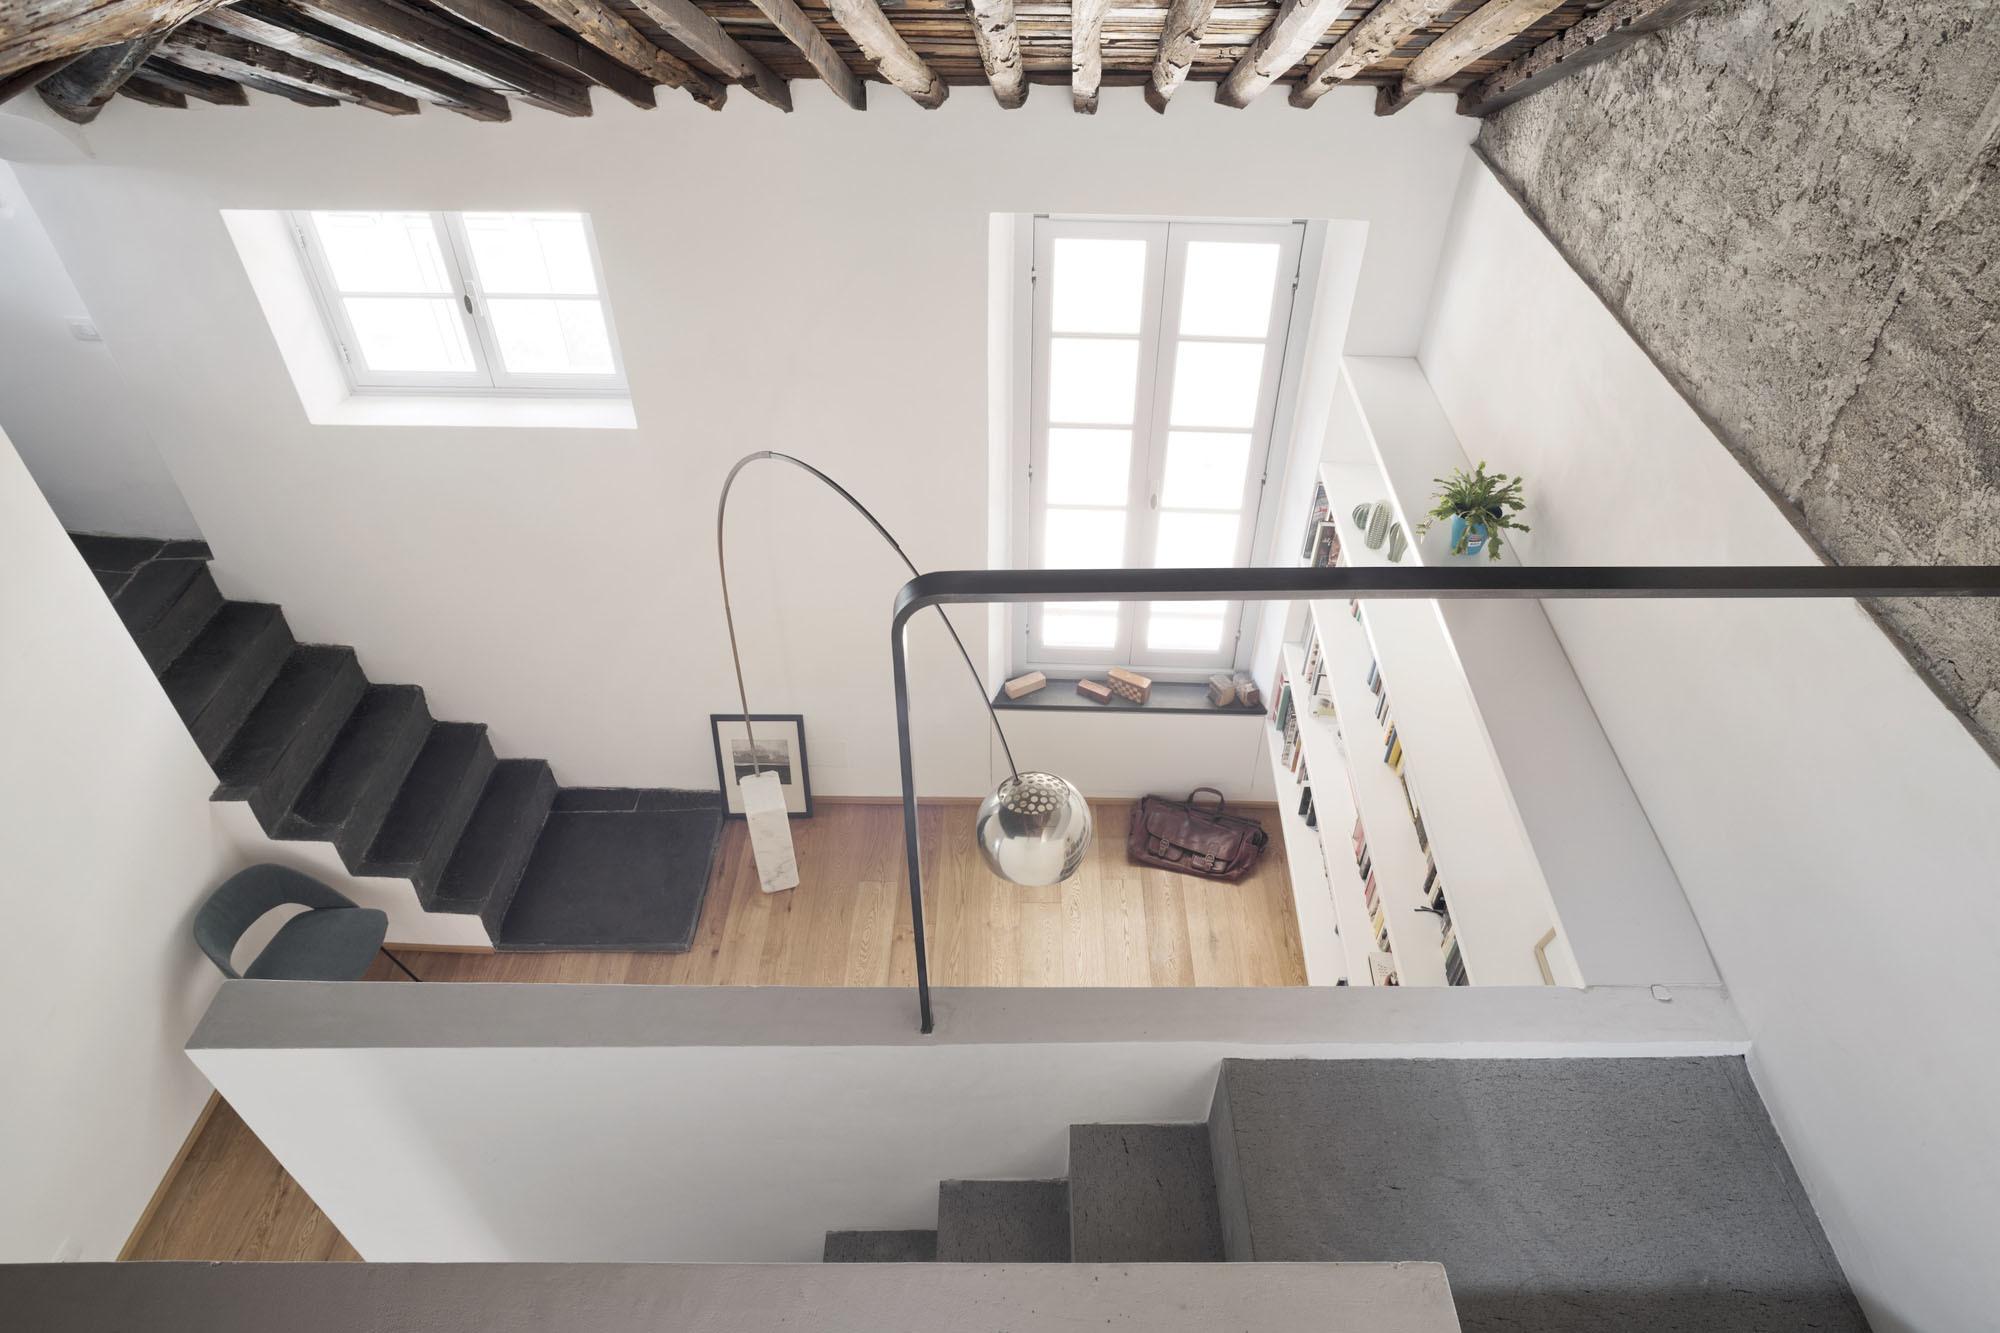 In Genua hat das Büro Dodi Moss zwei Dachgeschossein eine 110-Quadratmeter-Wohnung verwandelt: mit exponiertem Gebälk und Piranesi-artigen Raumwindungen. Links die Treppe, die von der Küche hinab in den Wohnbereich führt. Vorne rechts die Treppe, die die erhöhte Bett-Ebene erschließt.